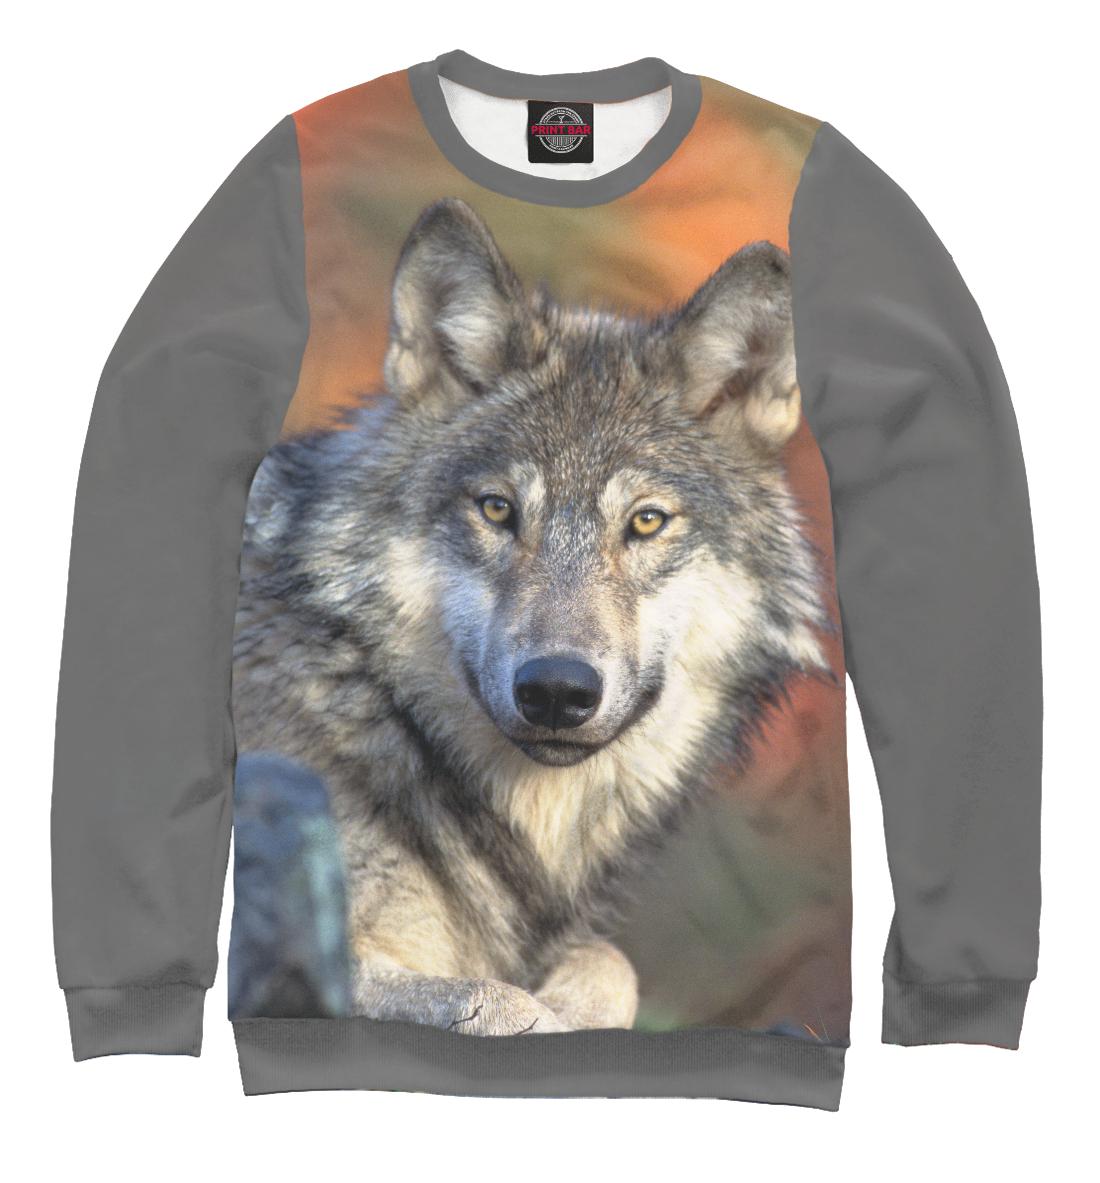 Купить Добрый Волк, Printbar, Свитшоты, VLF-266495-swi-1